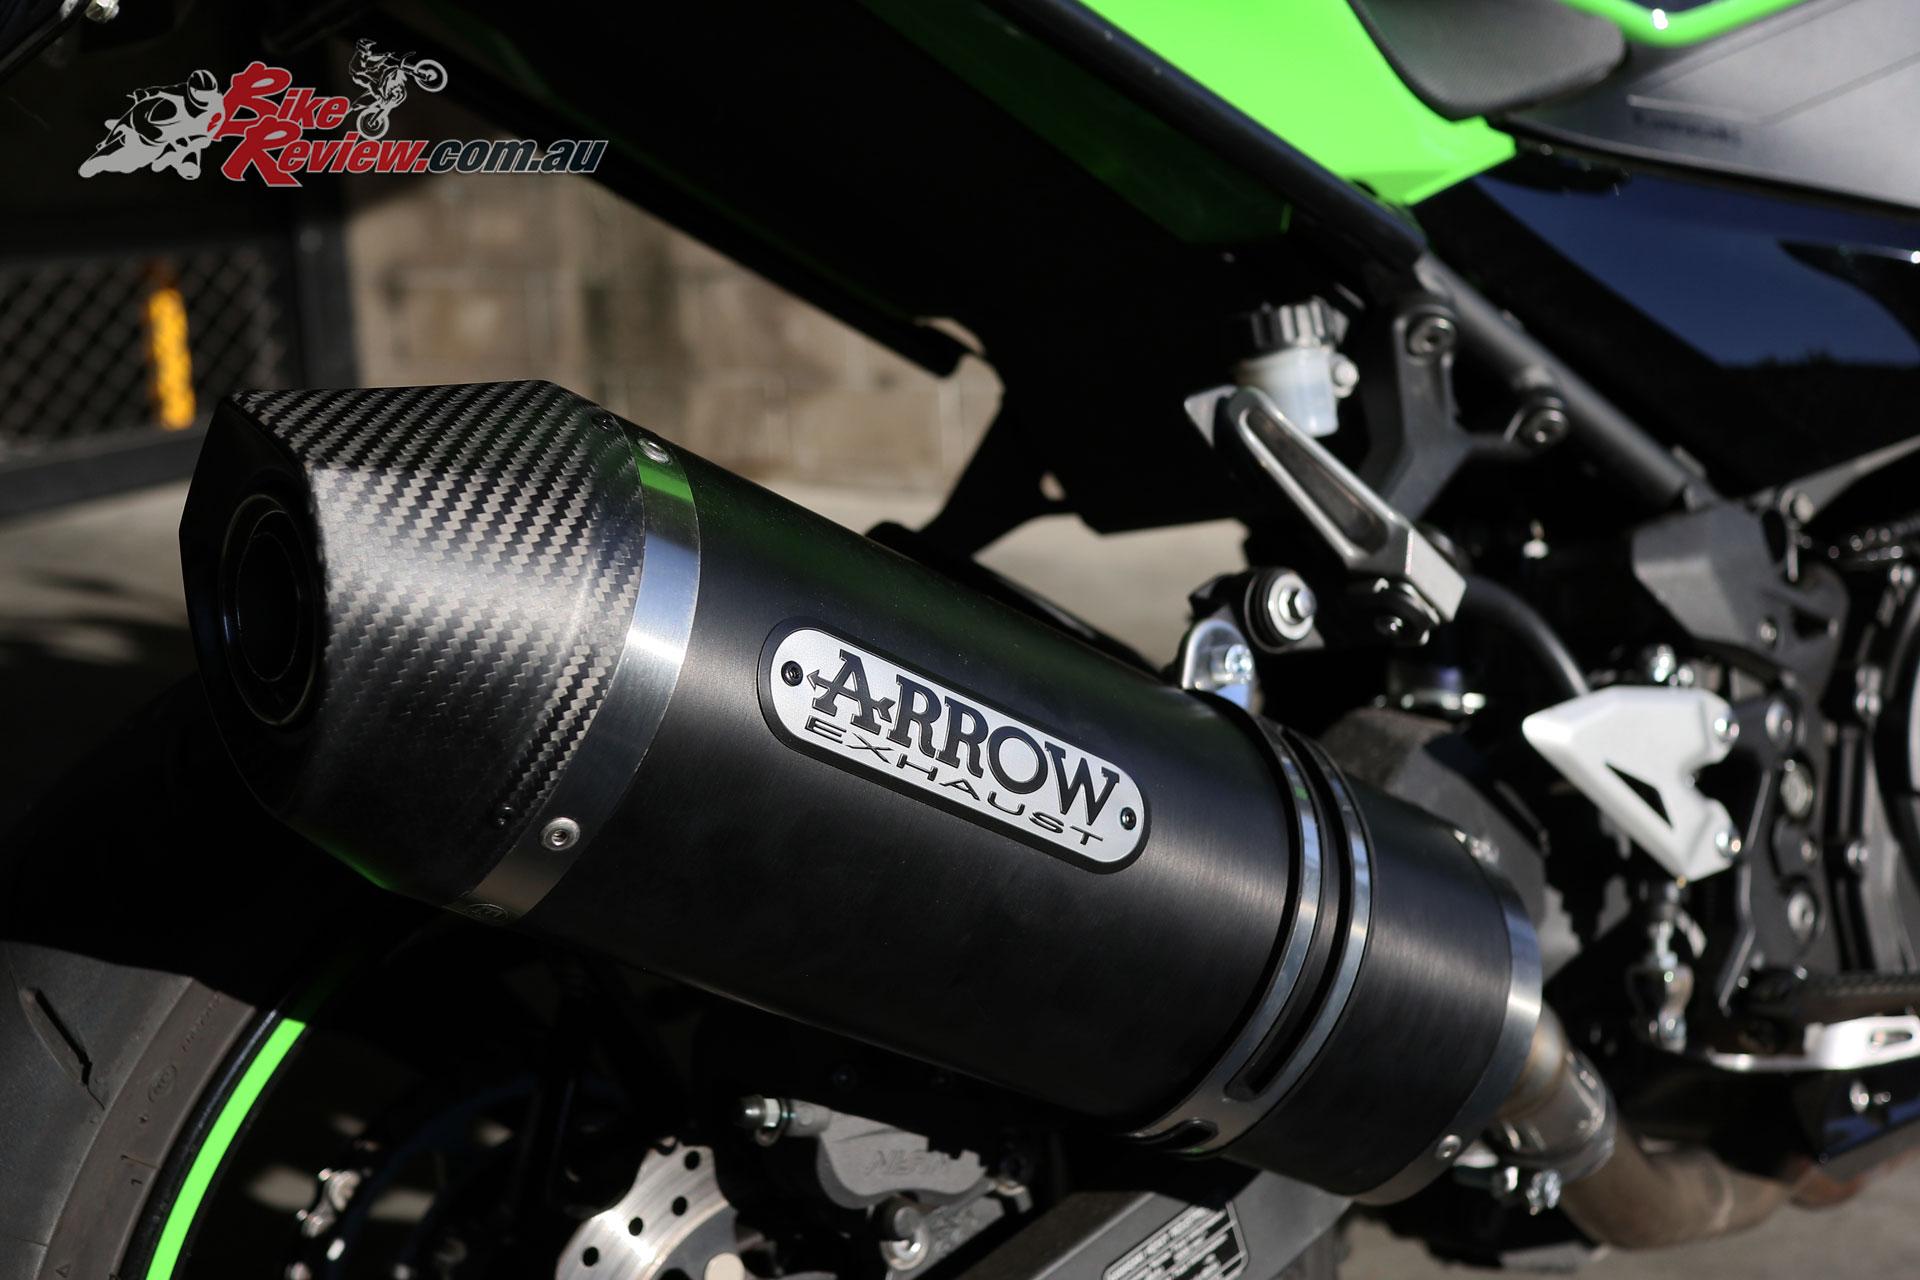 Tech Tips: Project Ninja 400 Arrow Race Tech exhaust fitment - Bike